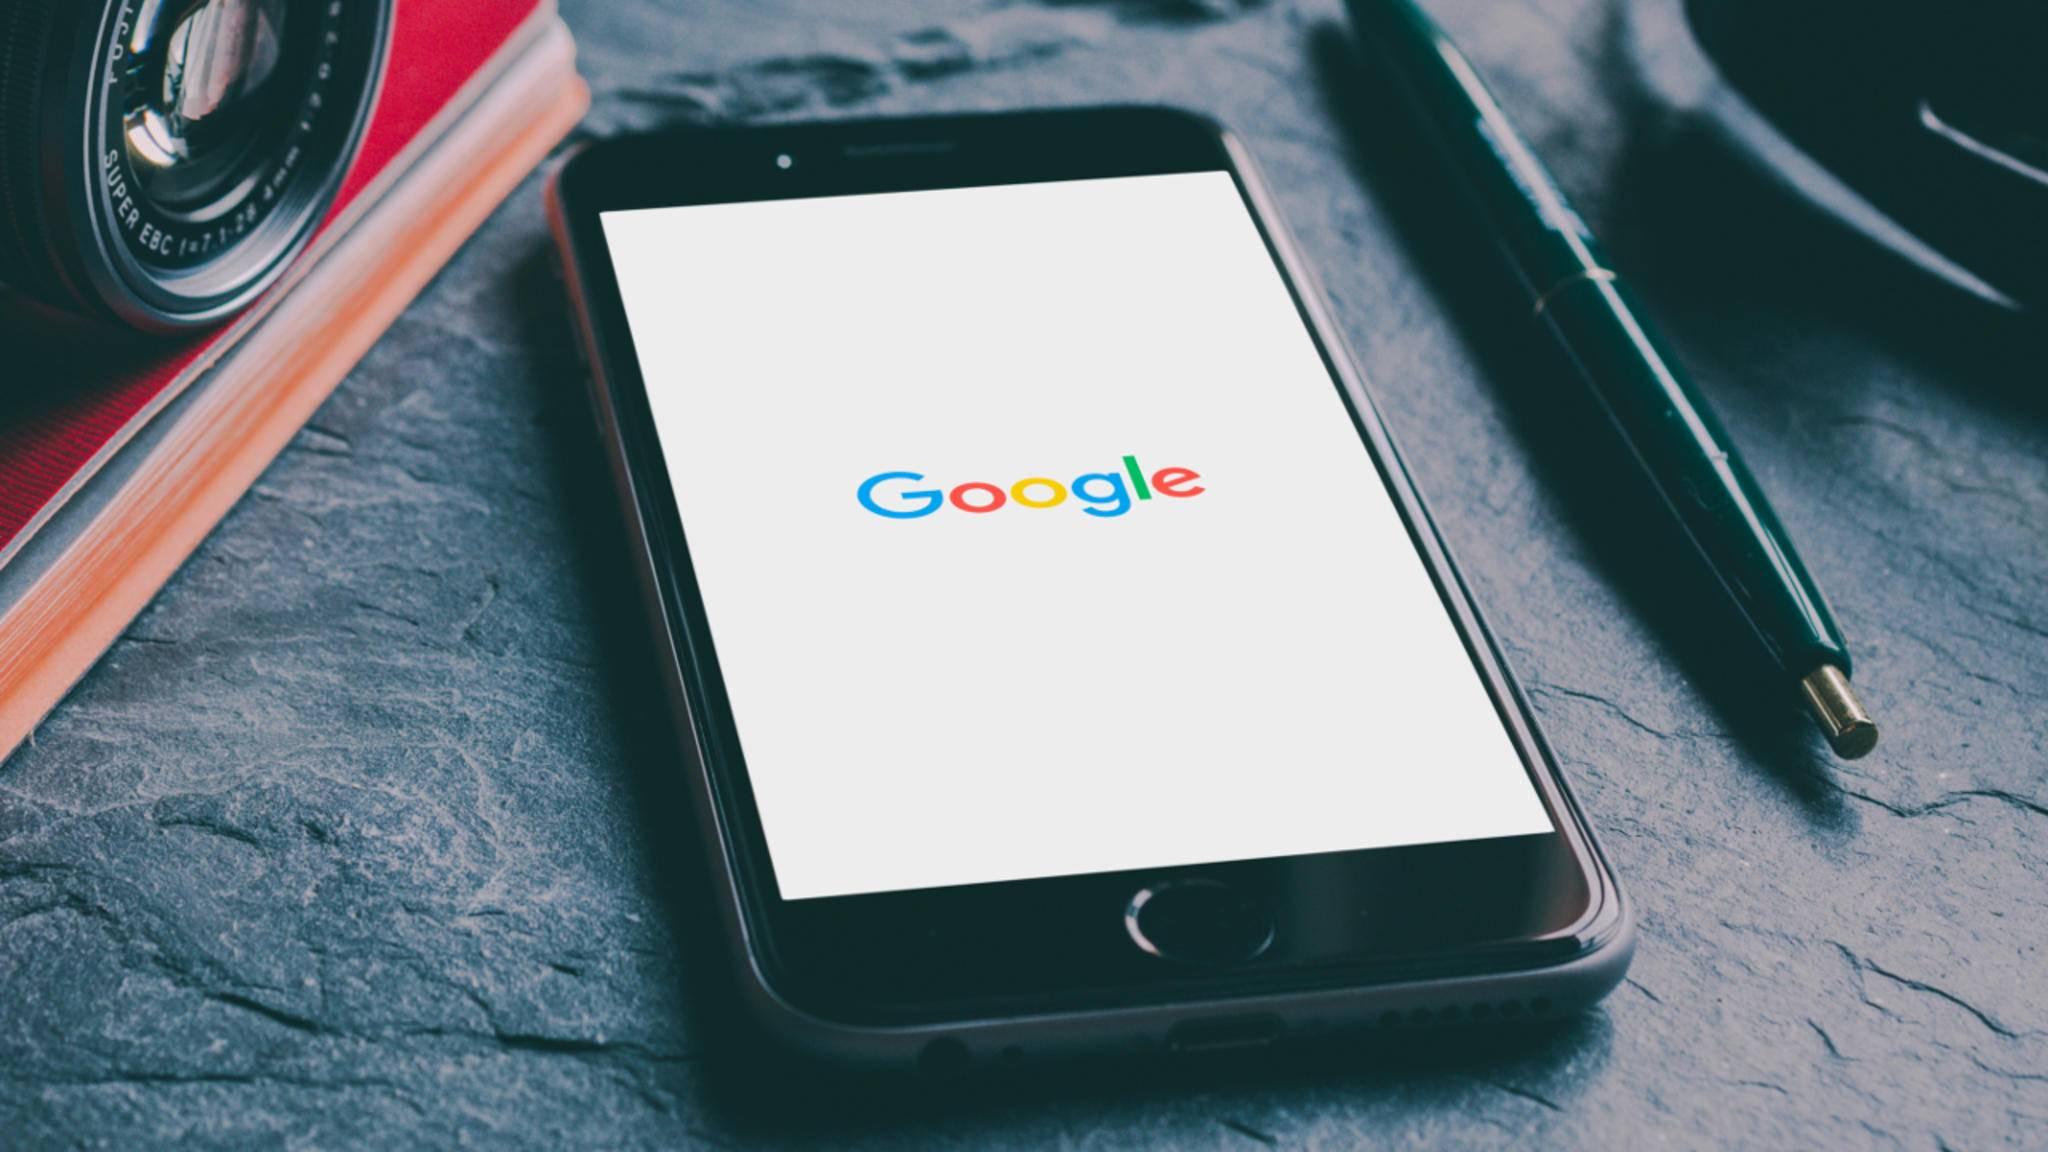 Wir geben Tipps zur Google-App auf dem iPhone.